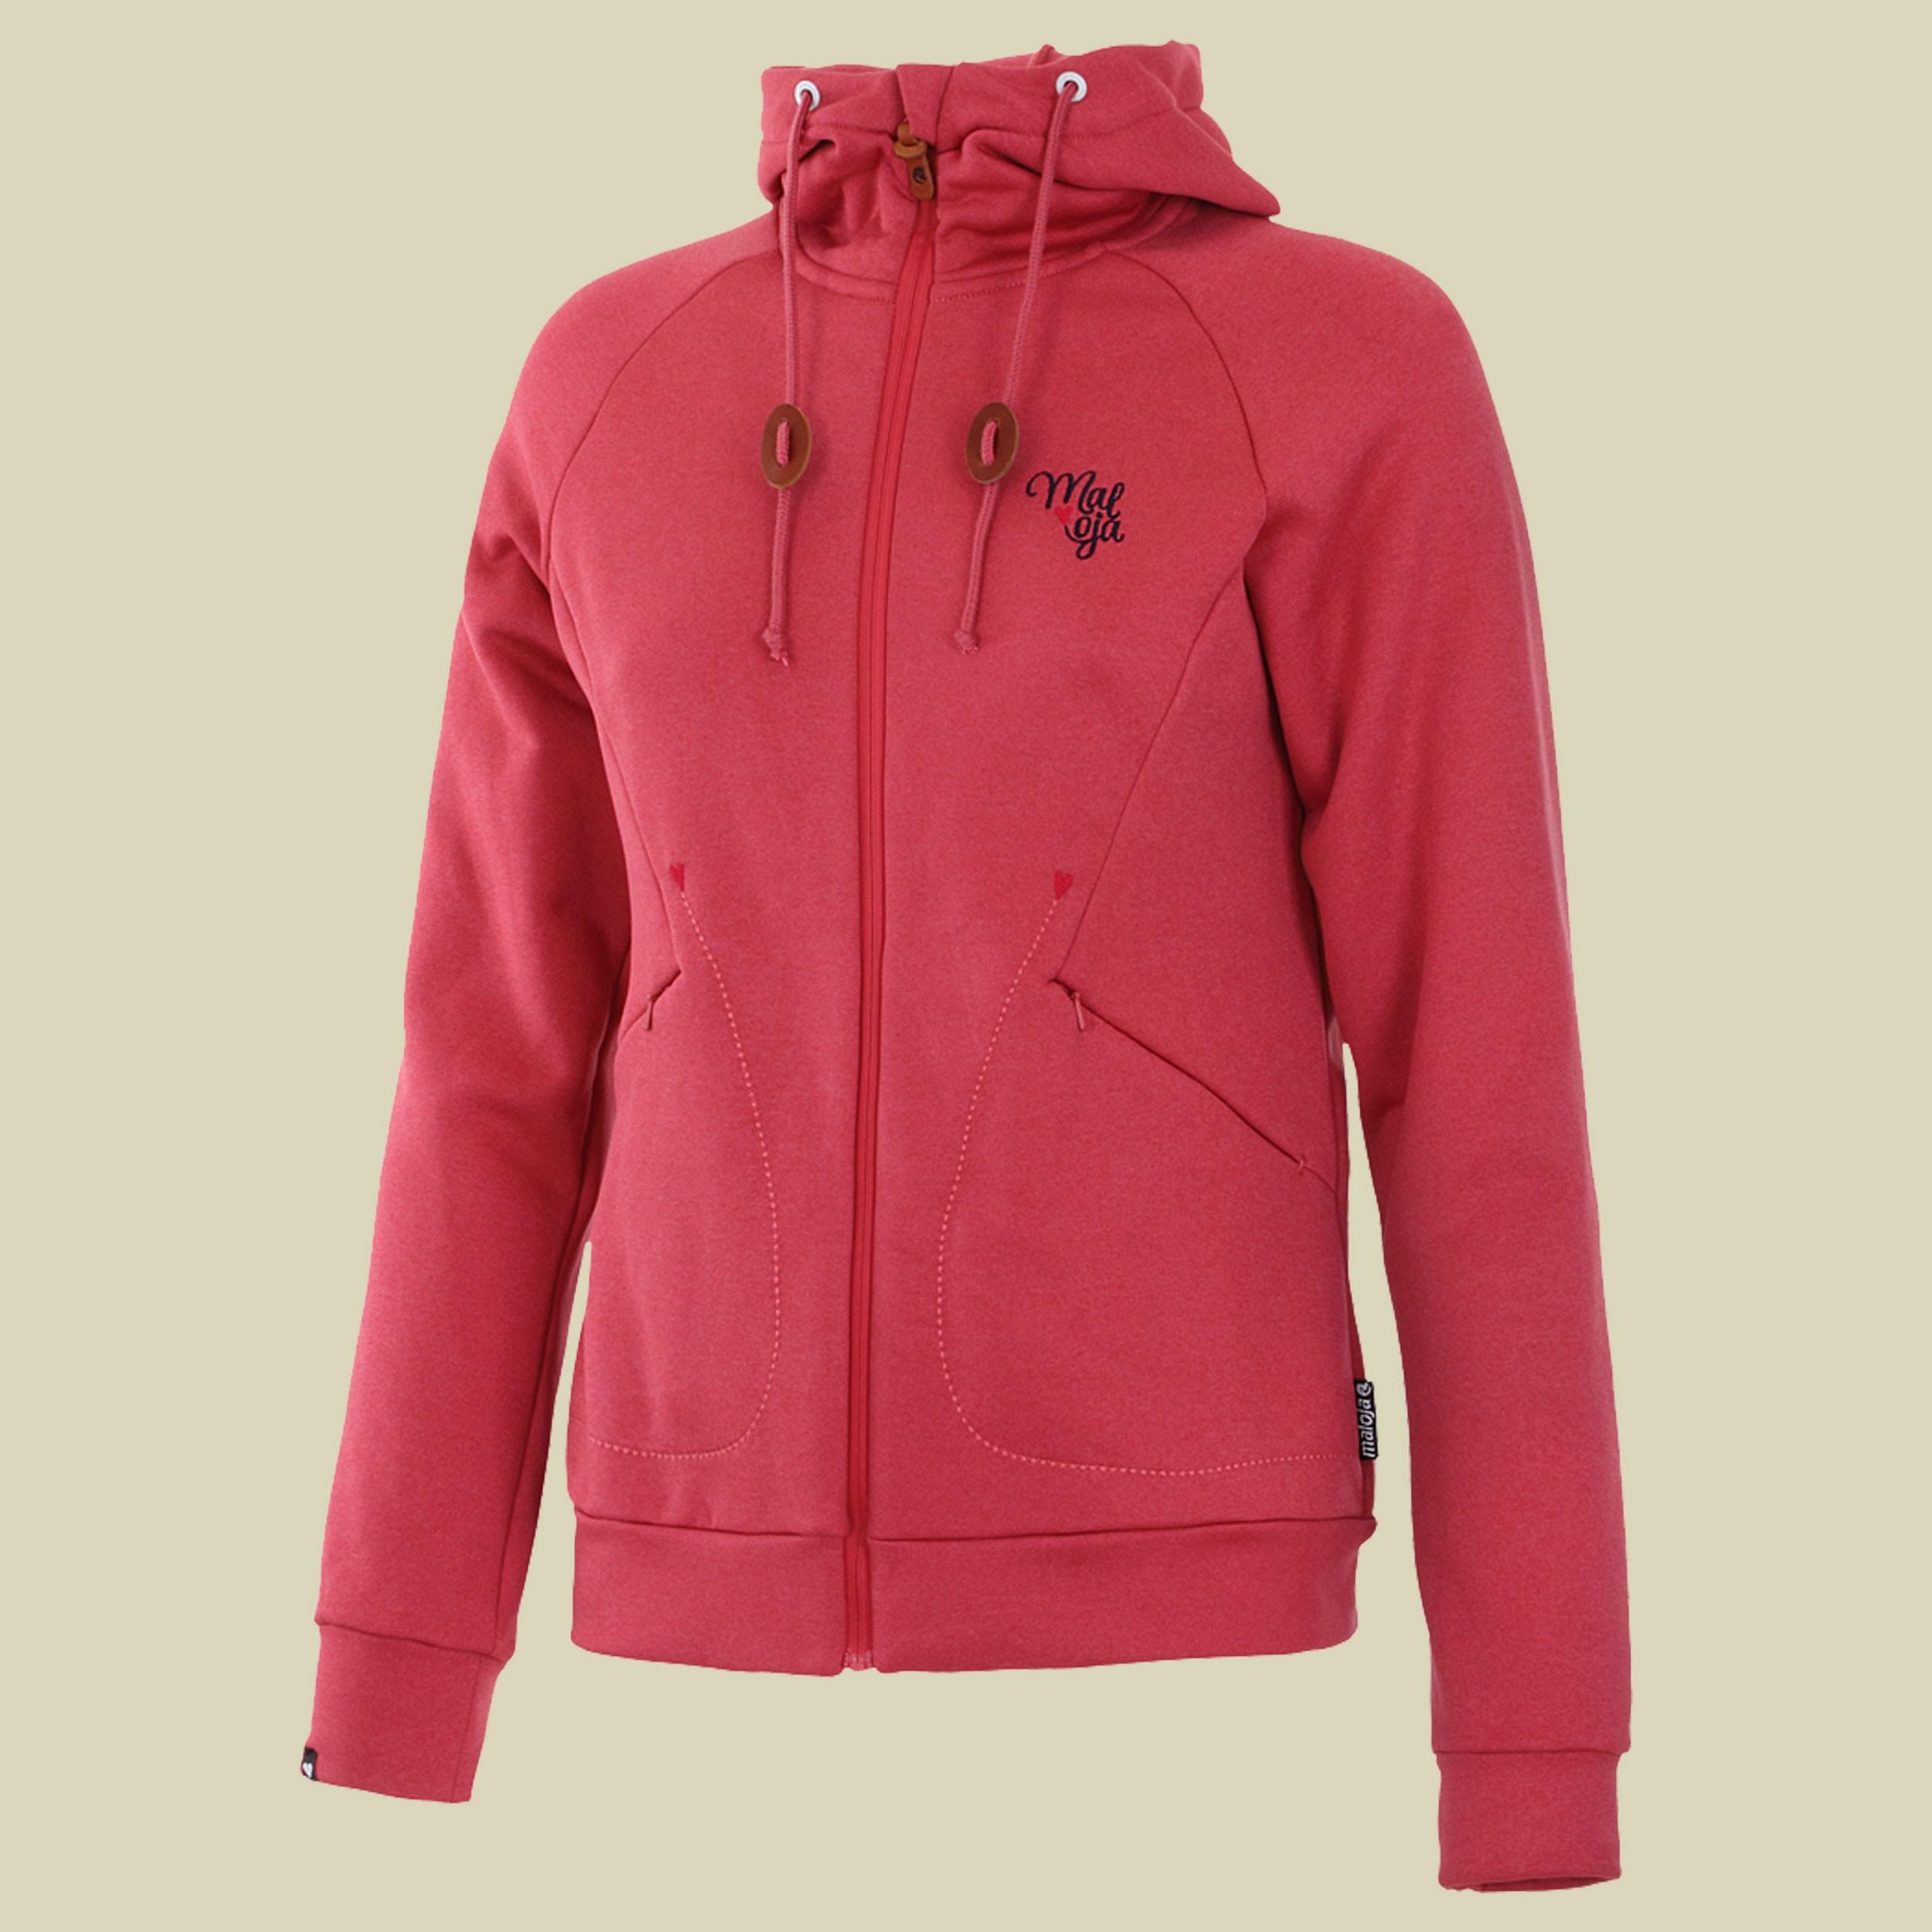 SalviaM Fleece Jacket Women